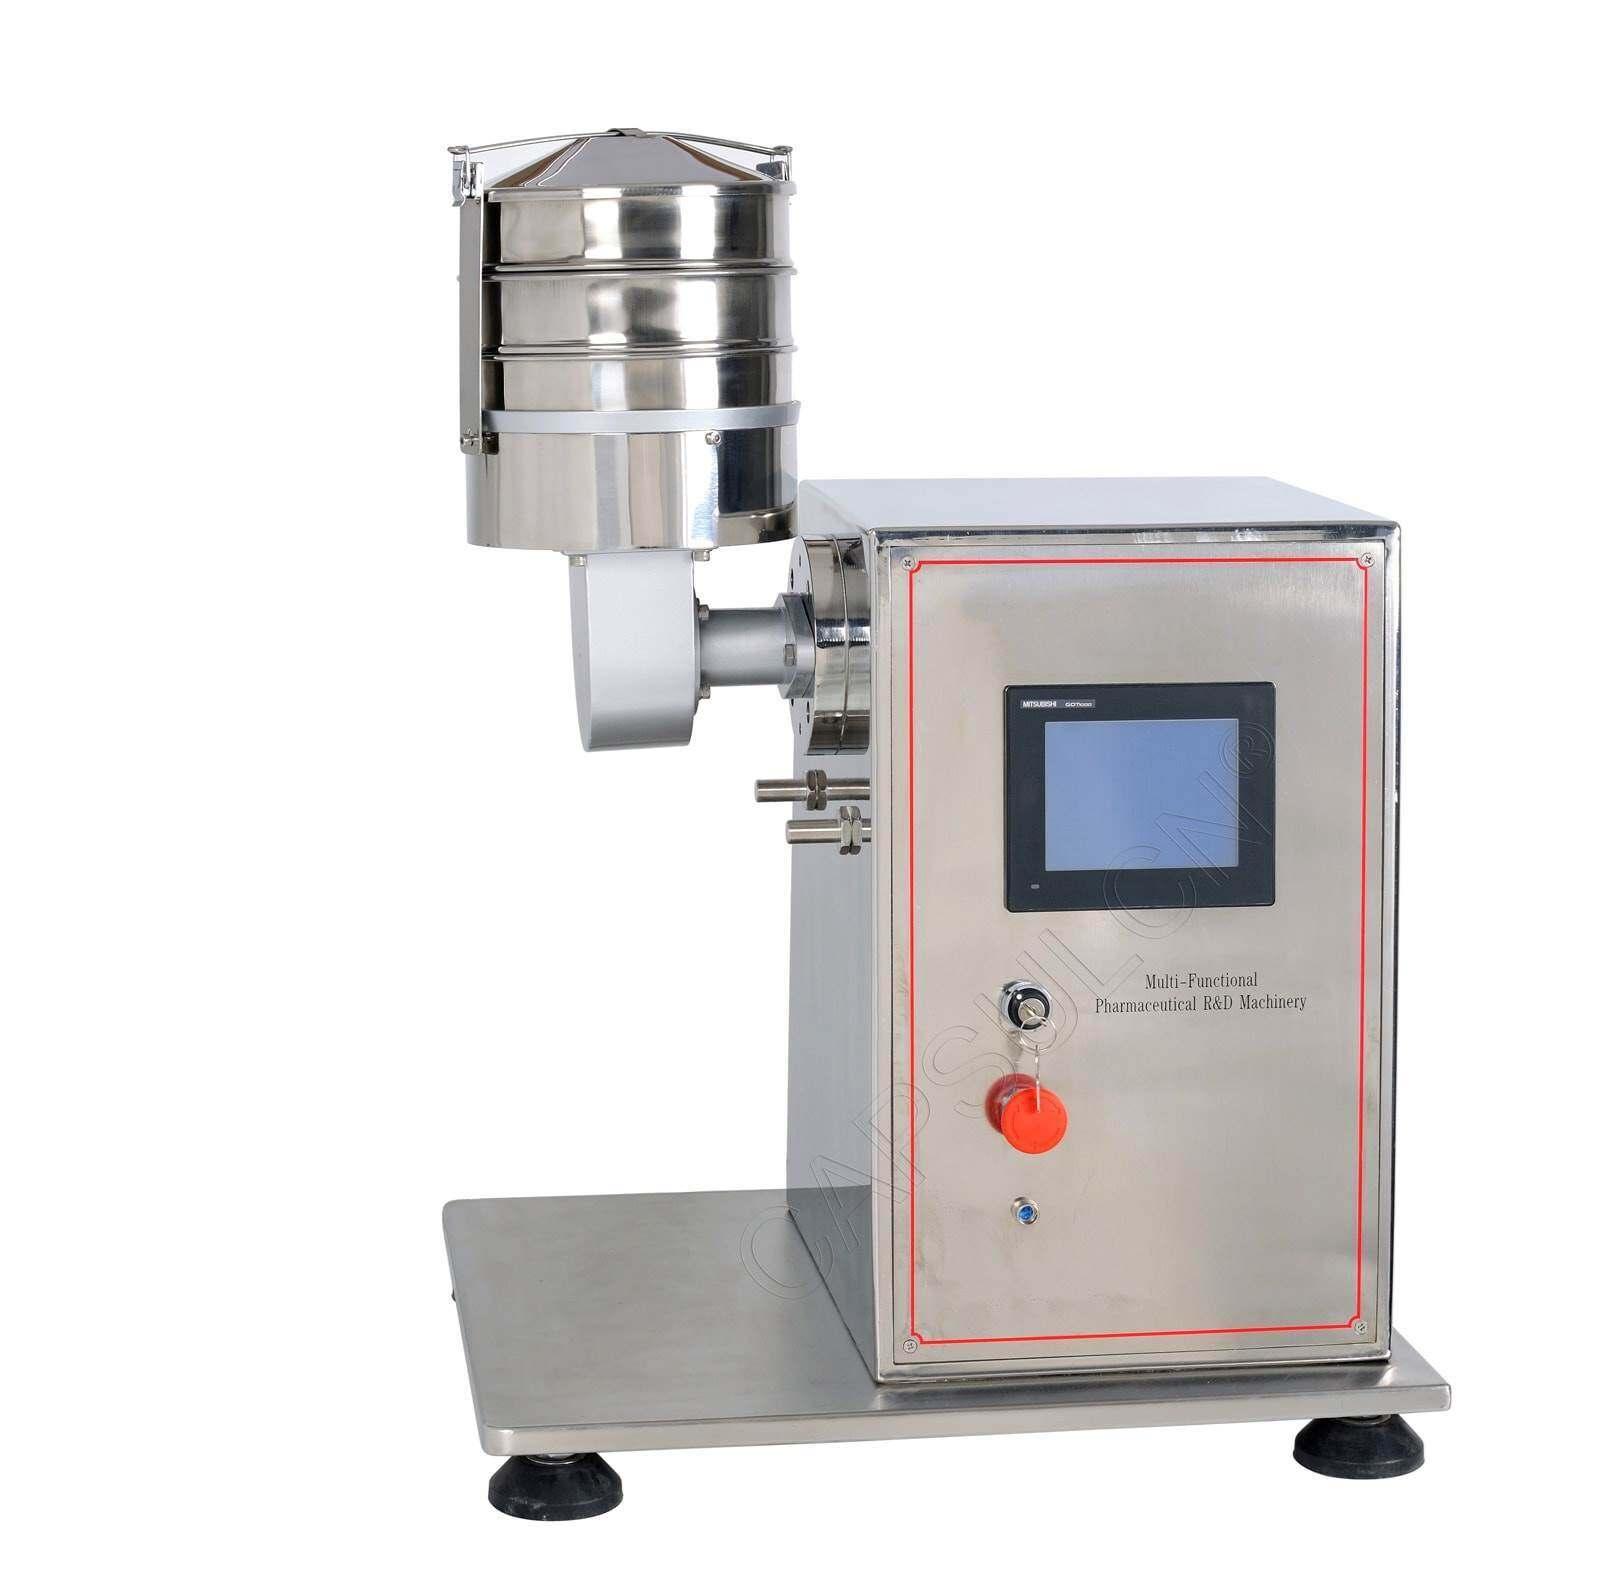 Bild von SY-200 Pulver Sifter Maschine